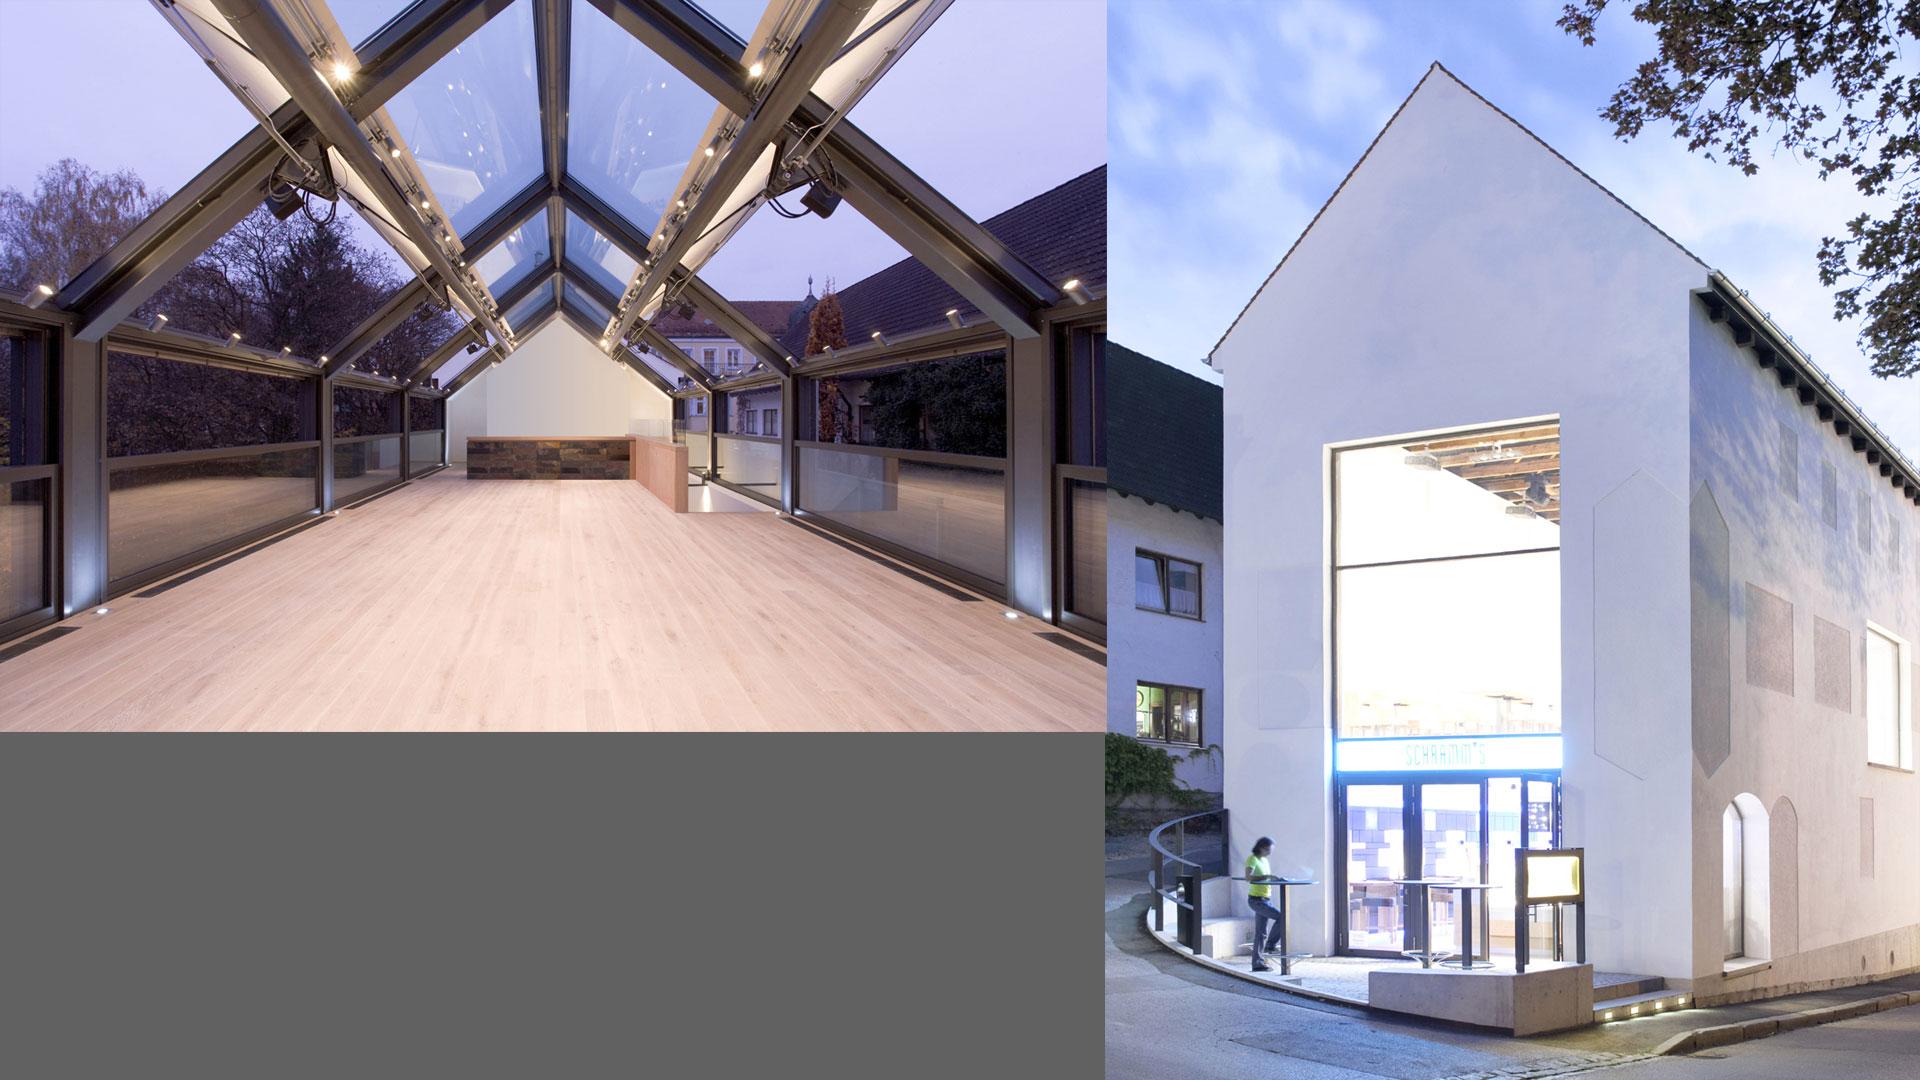 Dachflächenfenster, Sonderkonstruktion, Metallbau